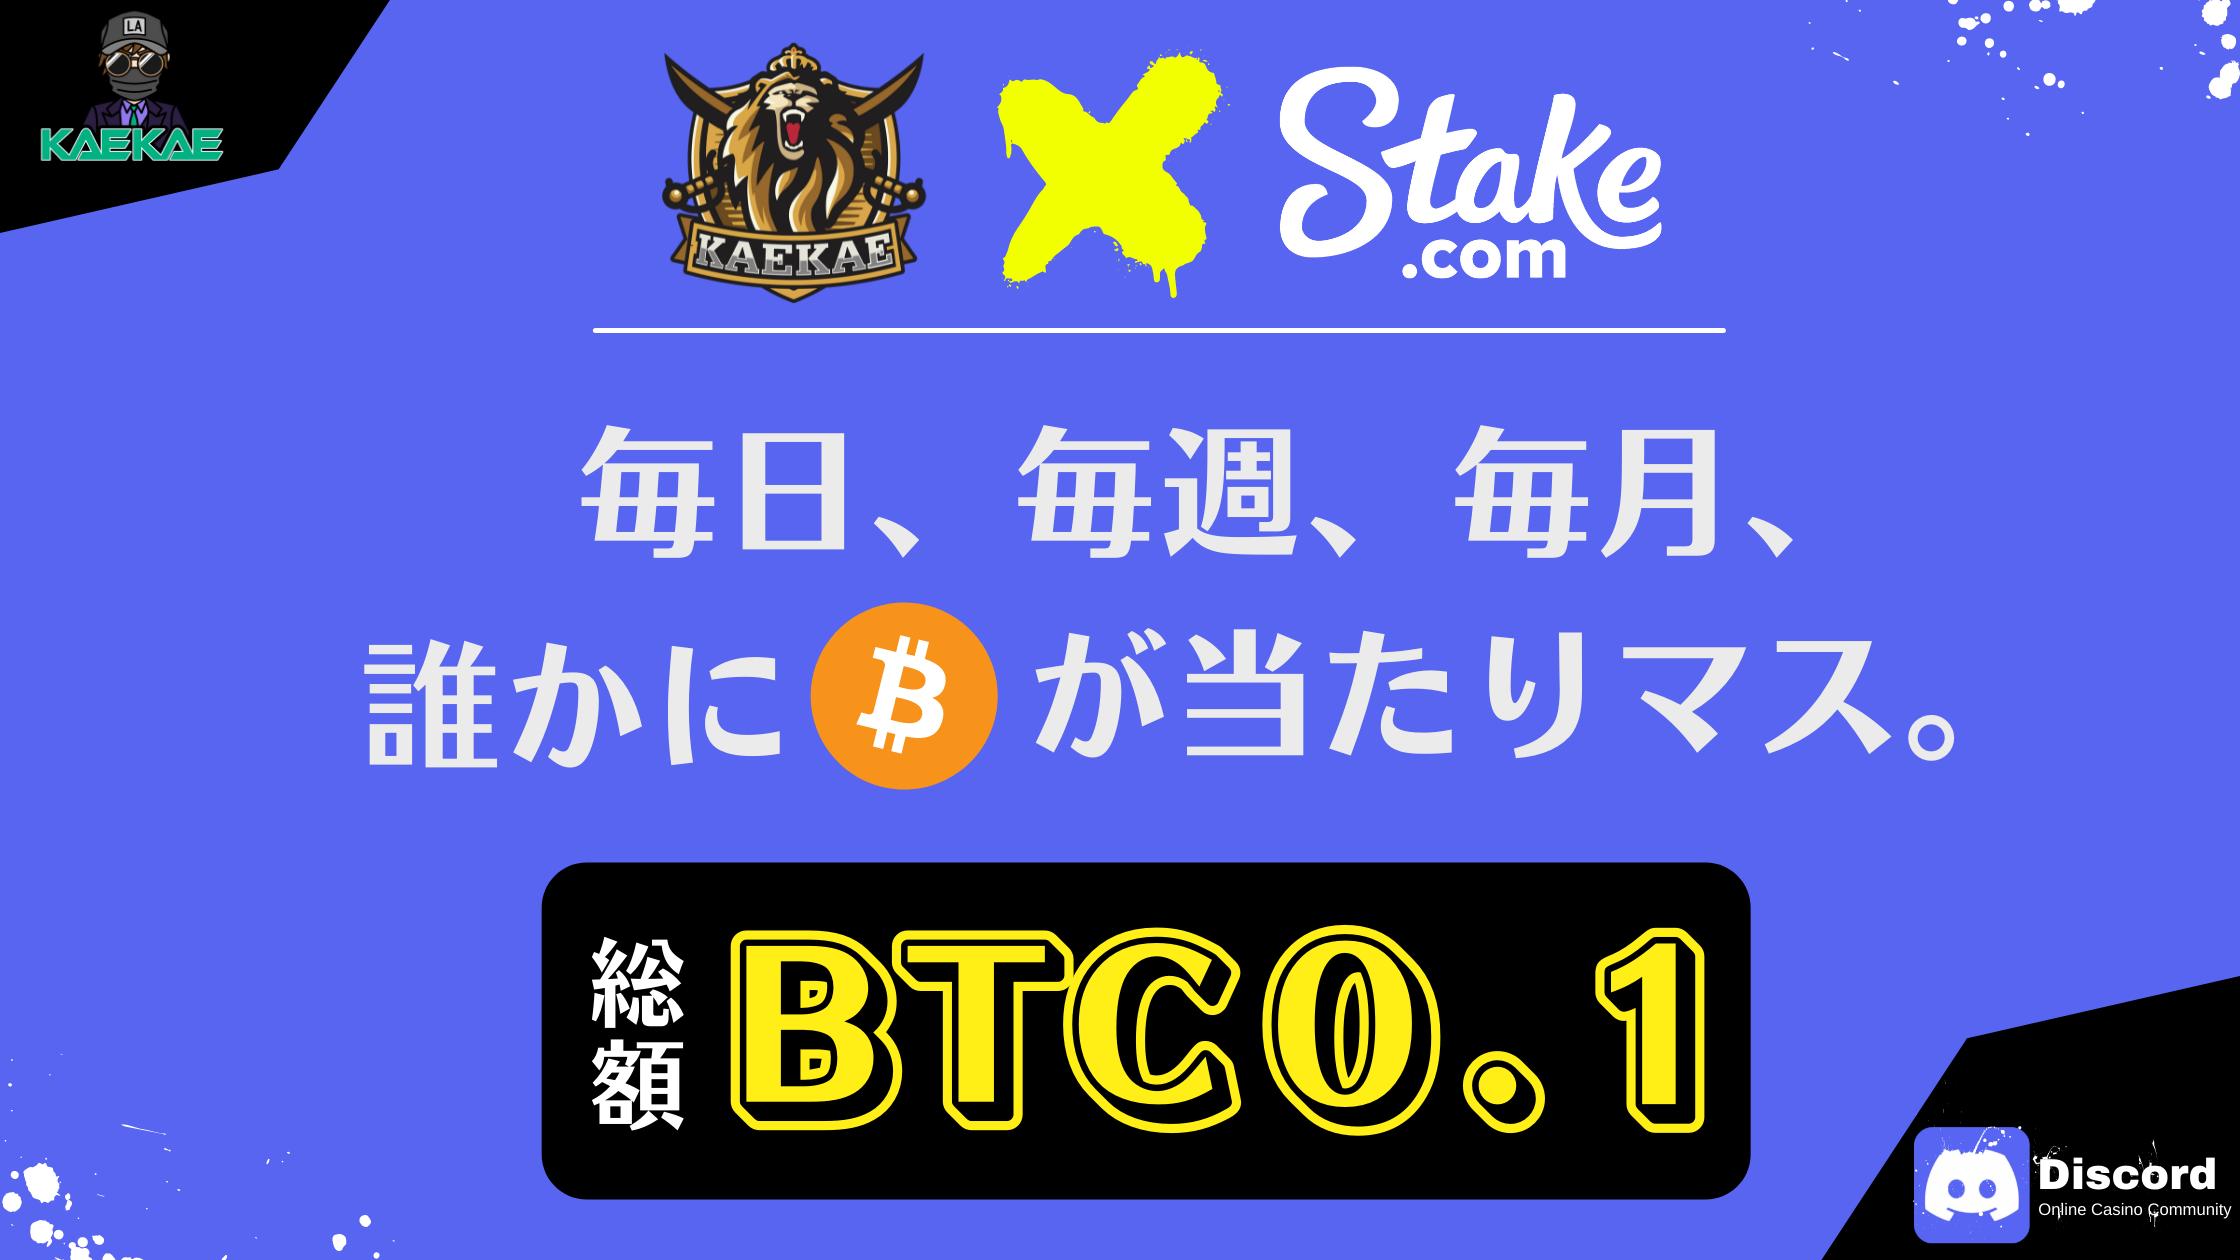 【総額約50万円!】ビットコイン毎日ばら撒き企画開催!